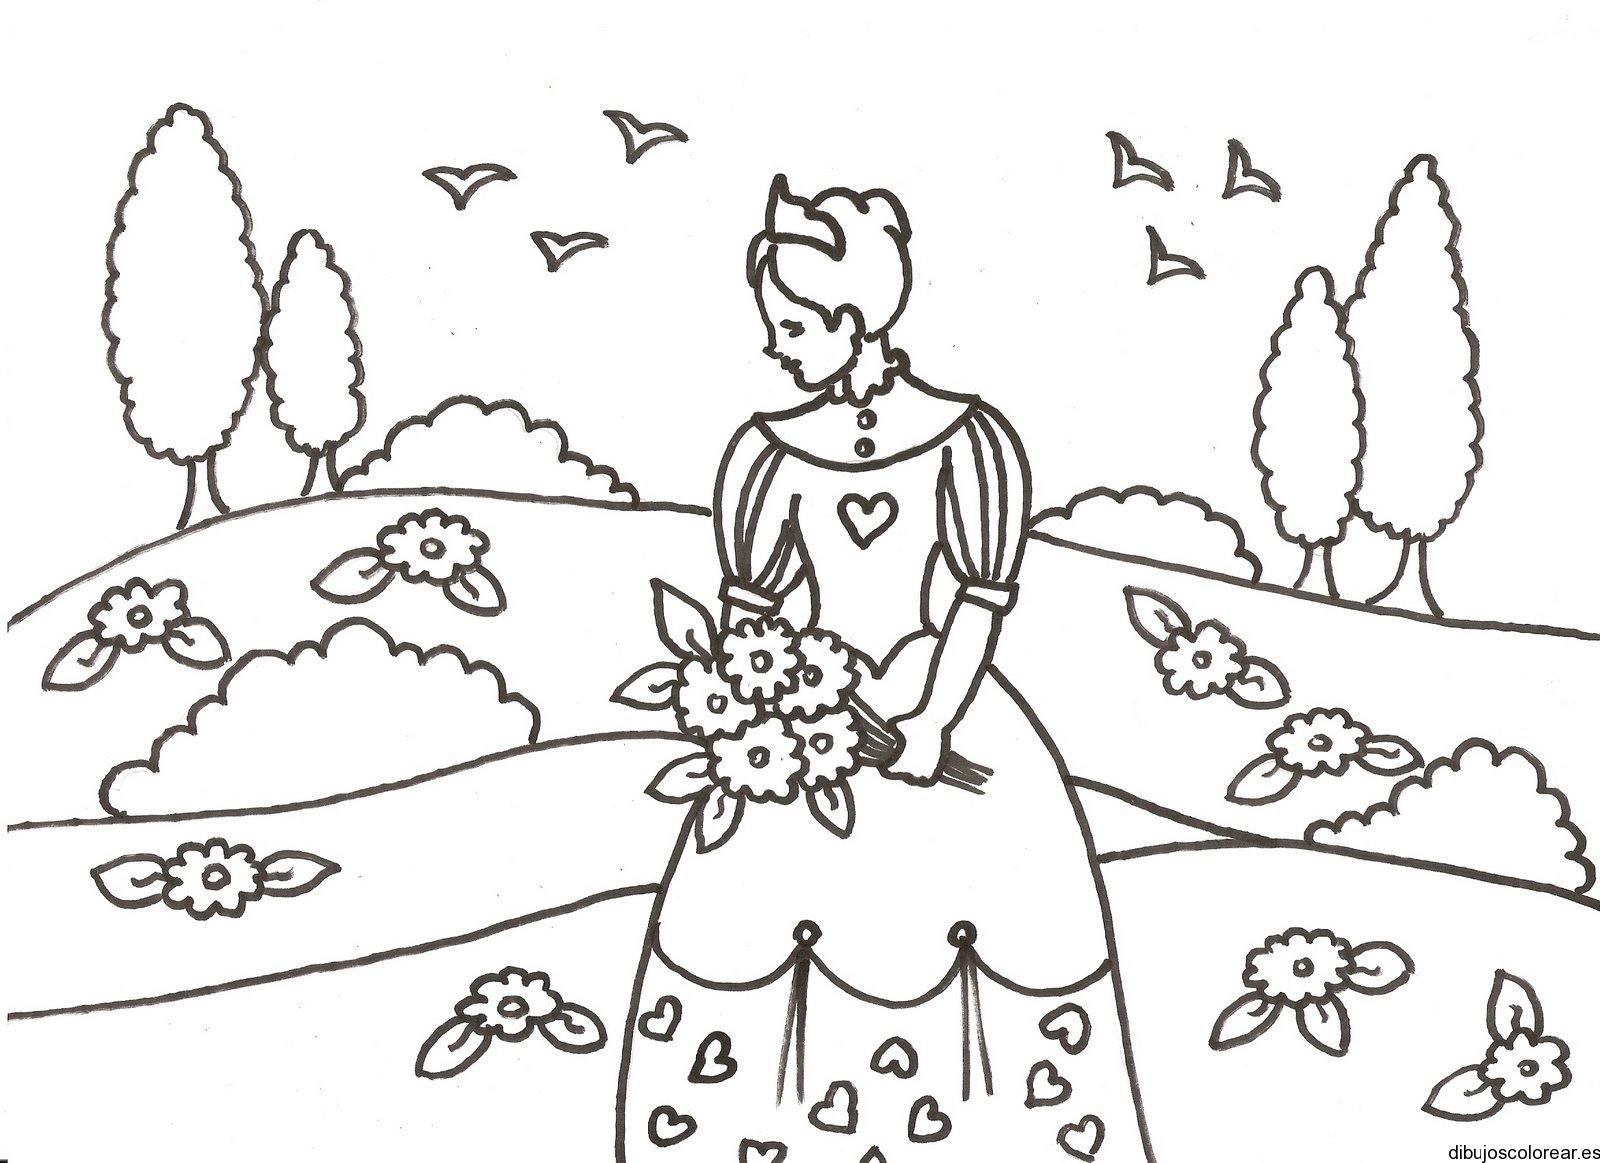 Dibujo de una princesa y sus lindas flores